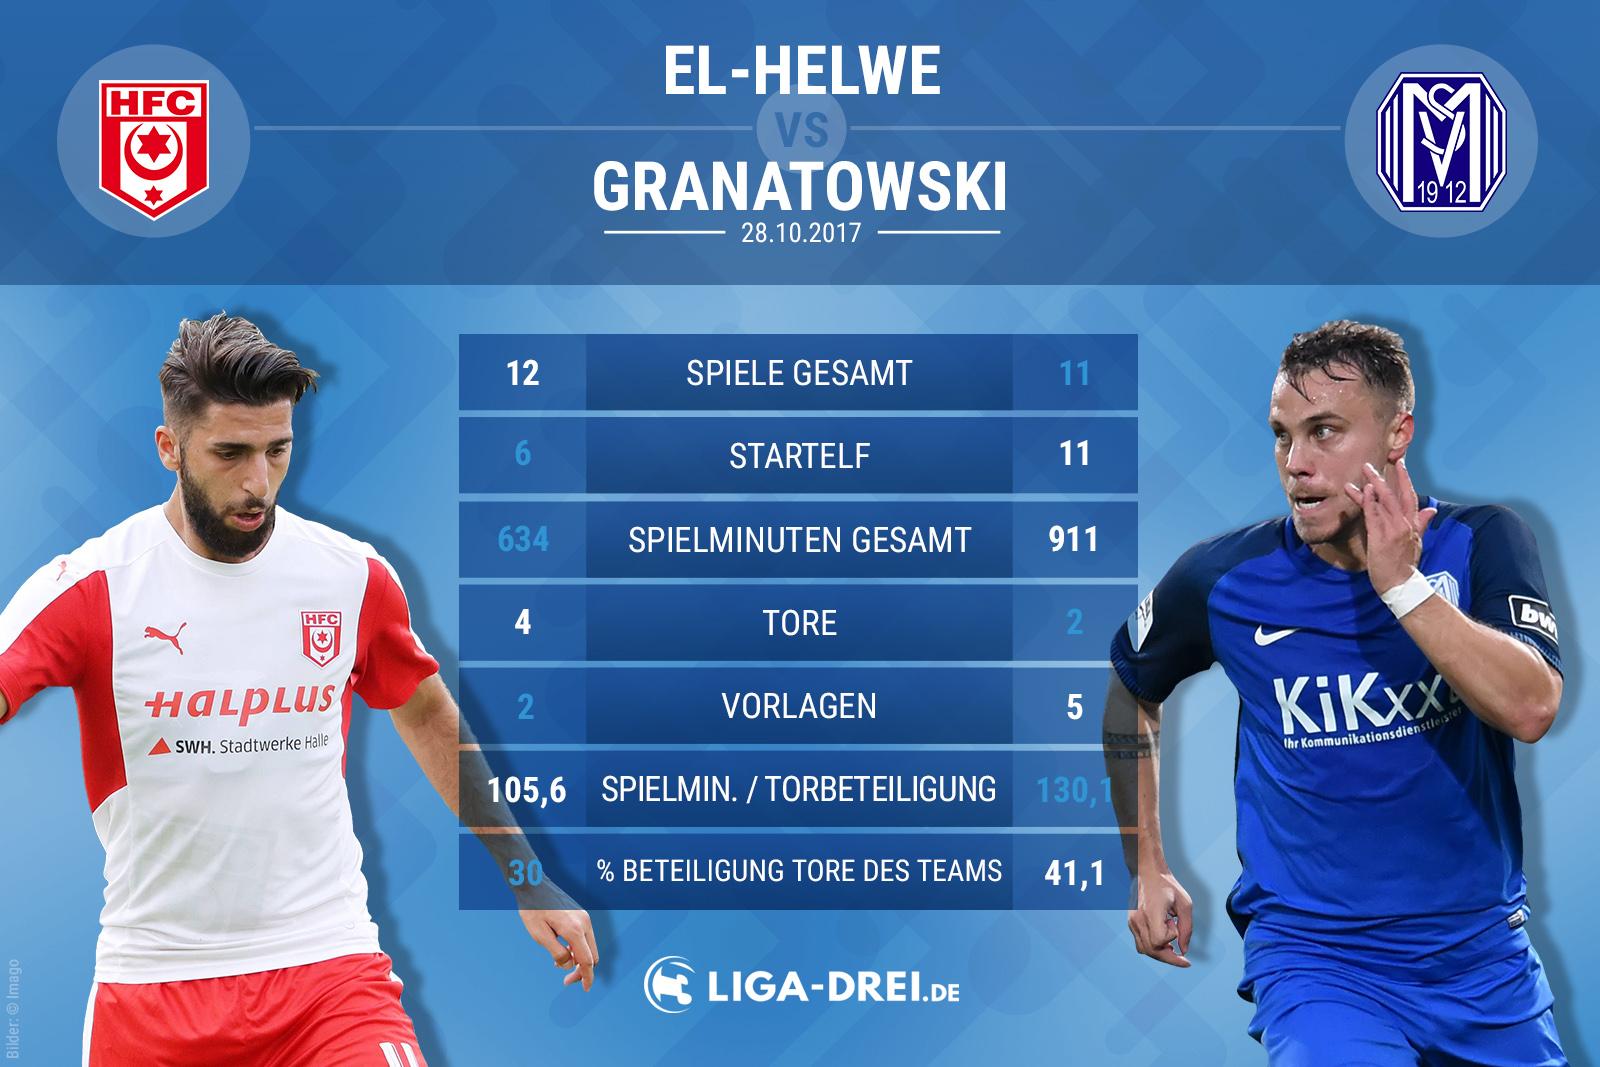 Spielervergleich El-Helwe gegen Granatowski